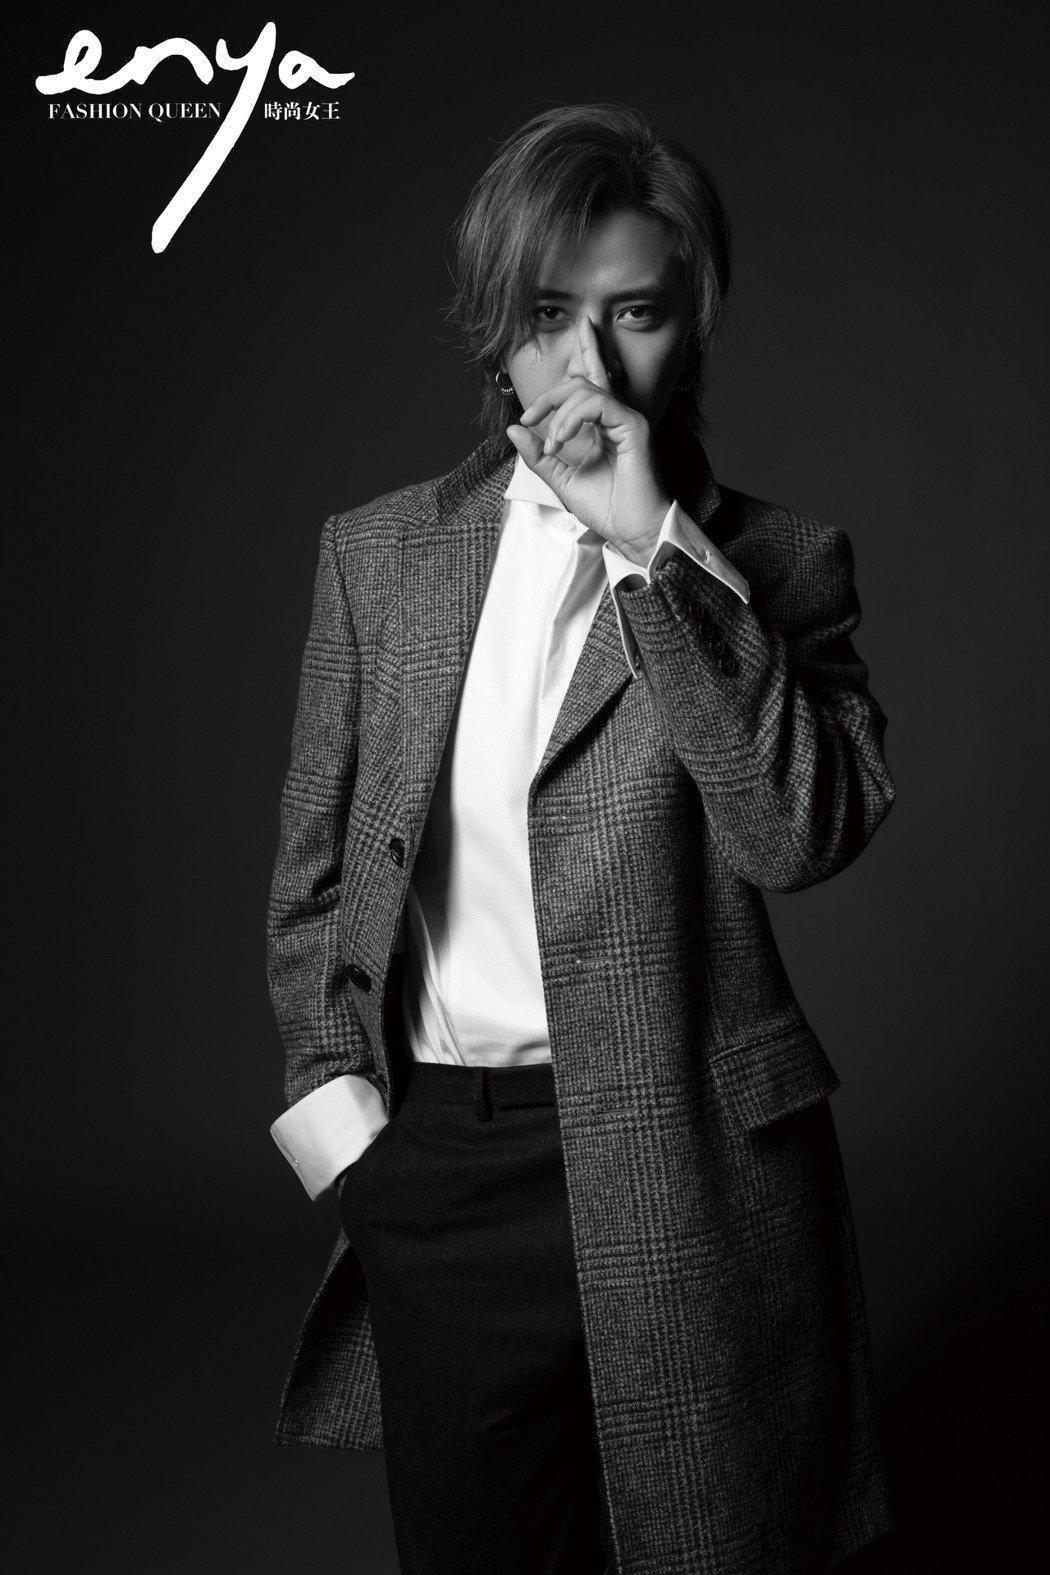 羅志祥沉寂了7個月,接受時尚雜誌《Fashion Queen》專訪,回應了被誤會的5個爭議事件。(翻攝自《Fashion Queen》)